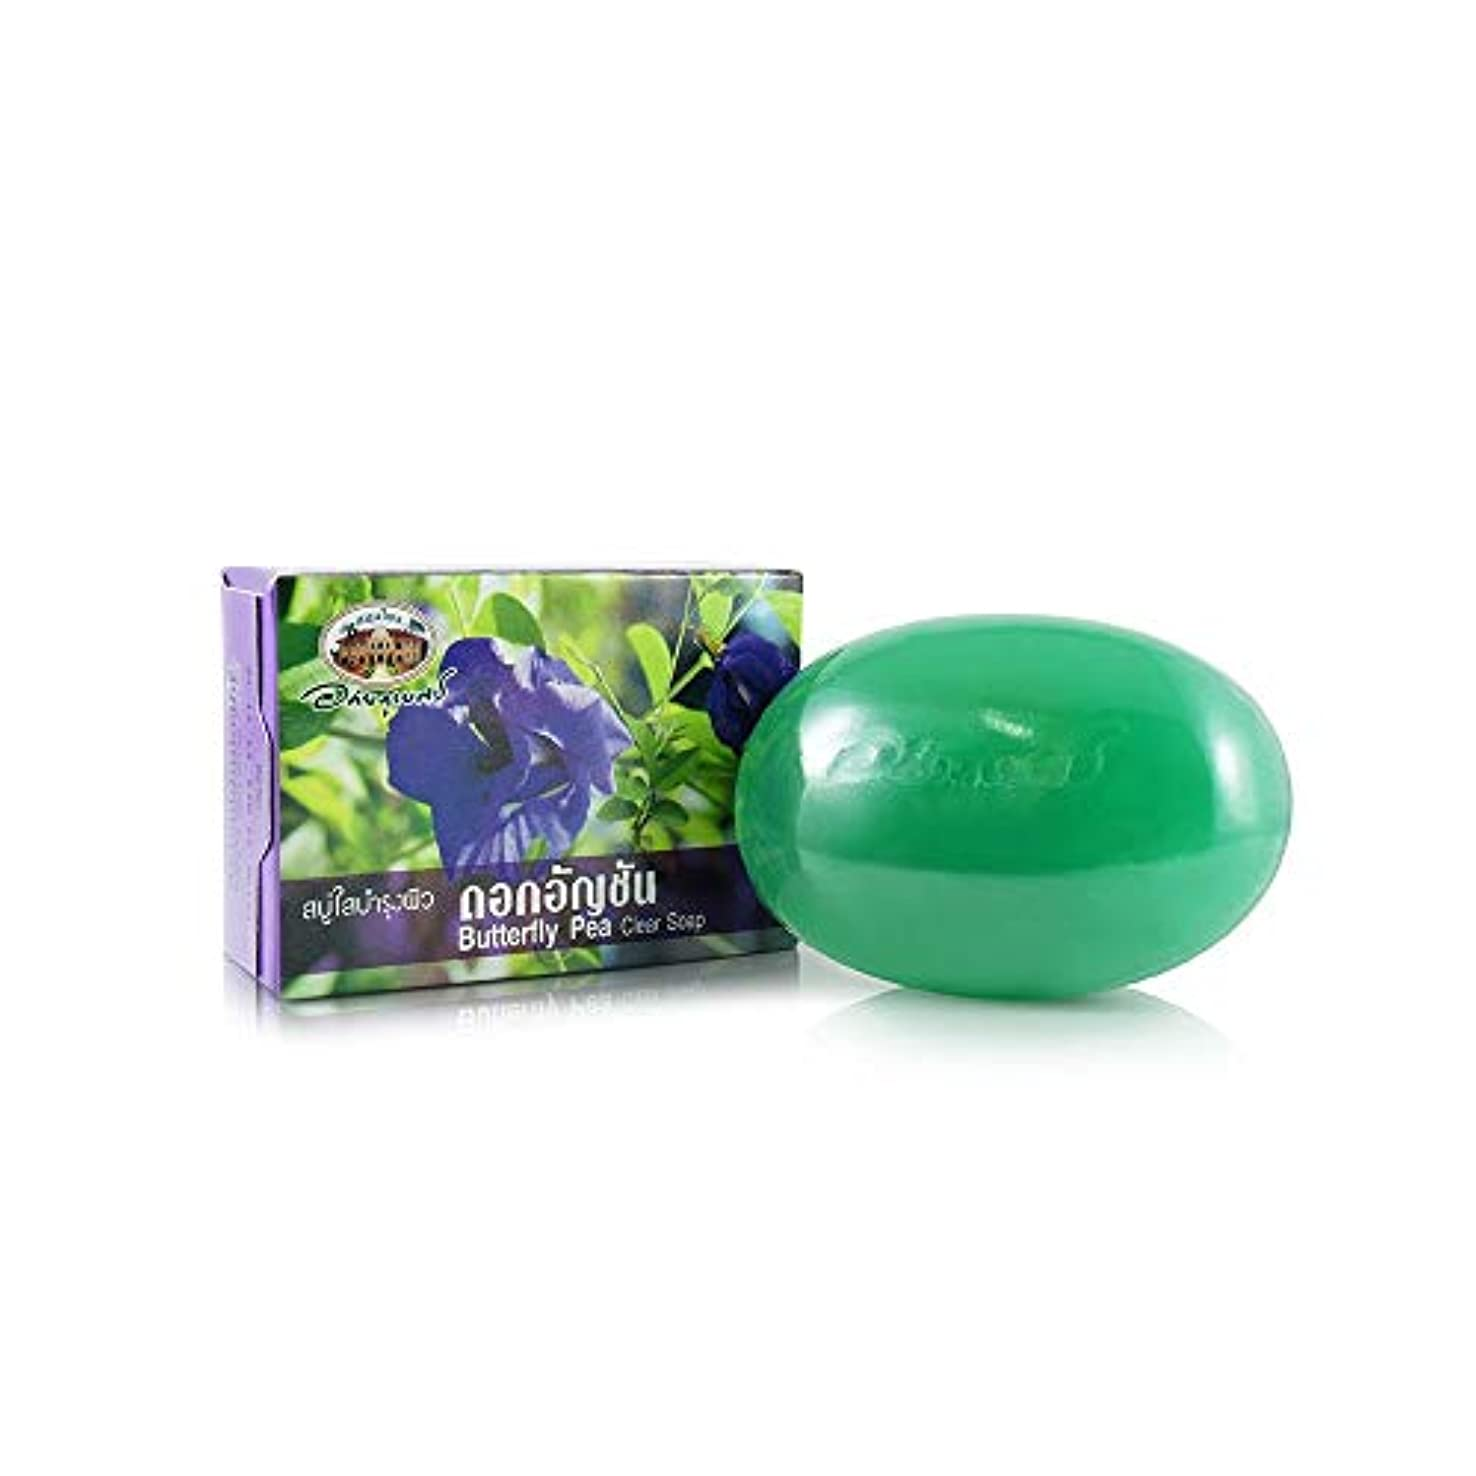 寛大なたるみシネウィAbhaibhubejhr Pea Flowers Vitamin E Herbal Body Cleaning Soap 100g. Abhaibhubejhrピー花ビタミンEハーブボディクリーニングソープ100グラム。